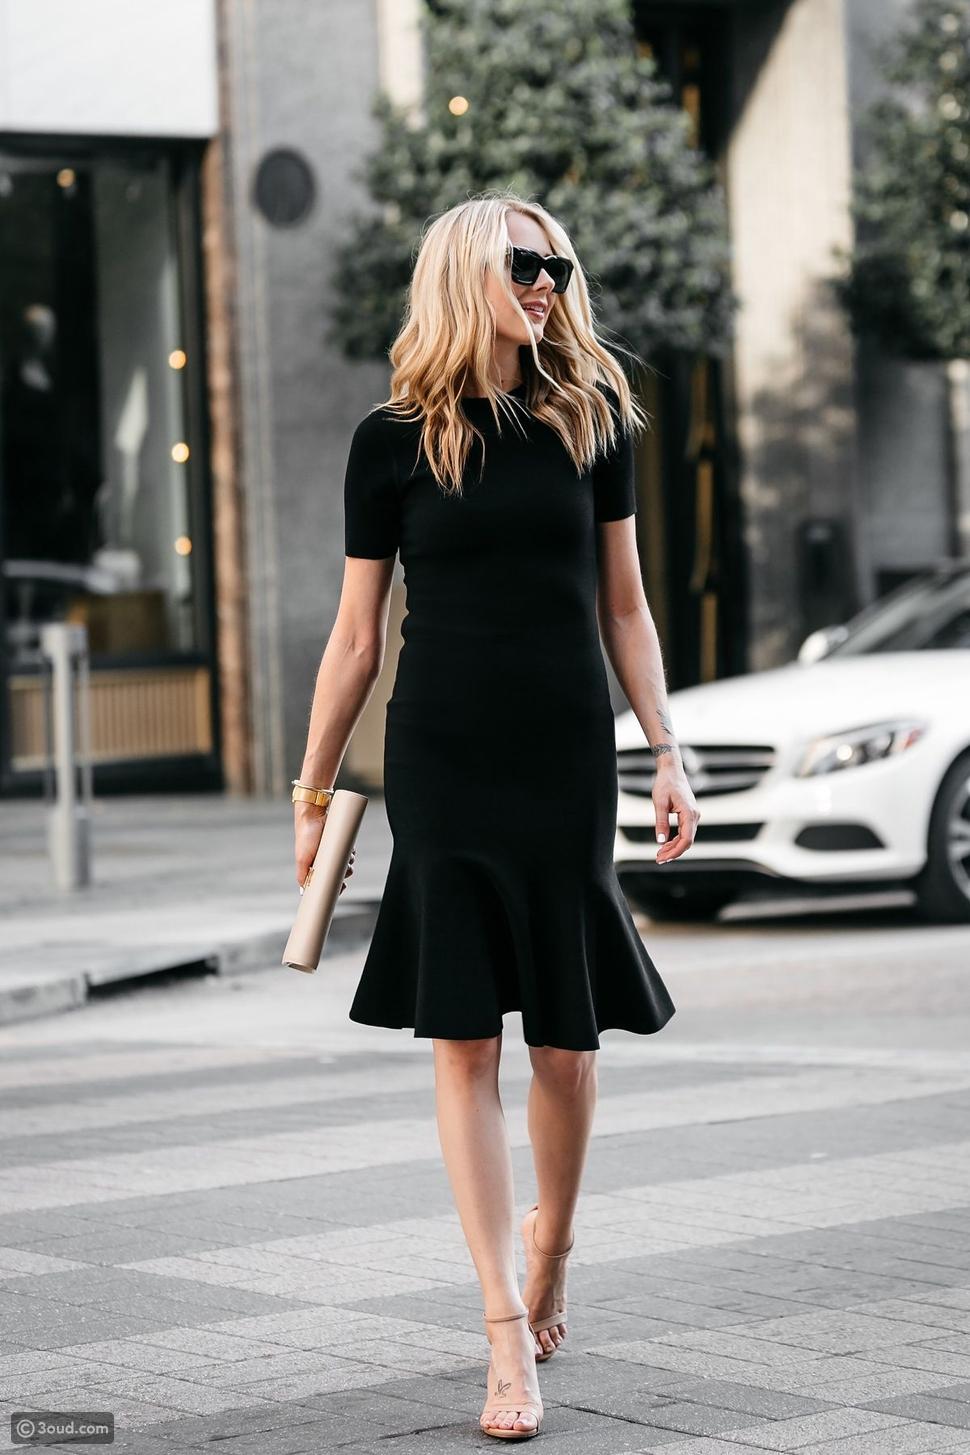 فستان أسود بسيط لإطلالة مناسبة للسهرات